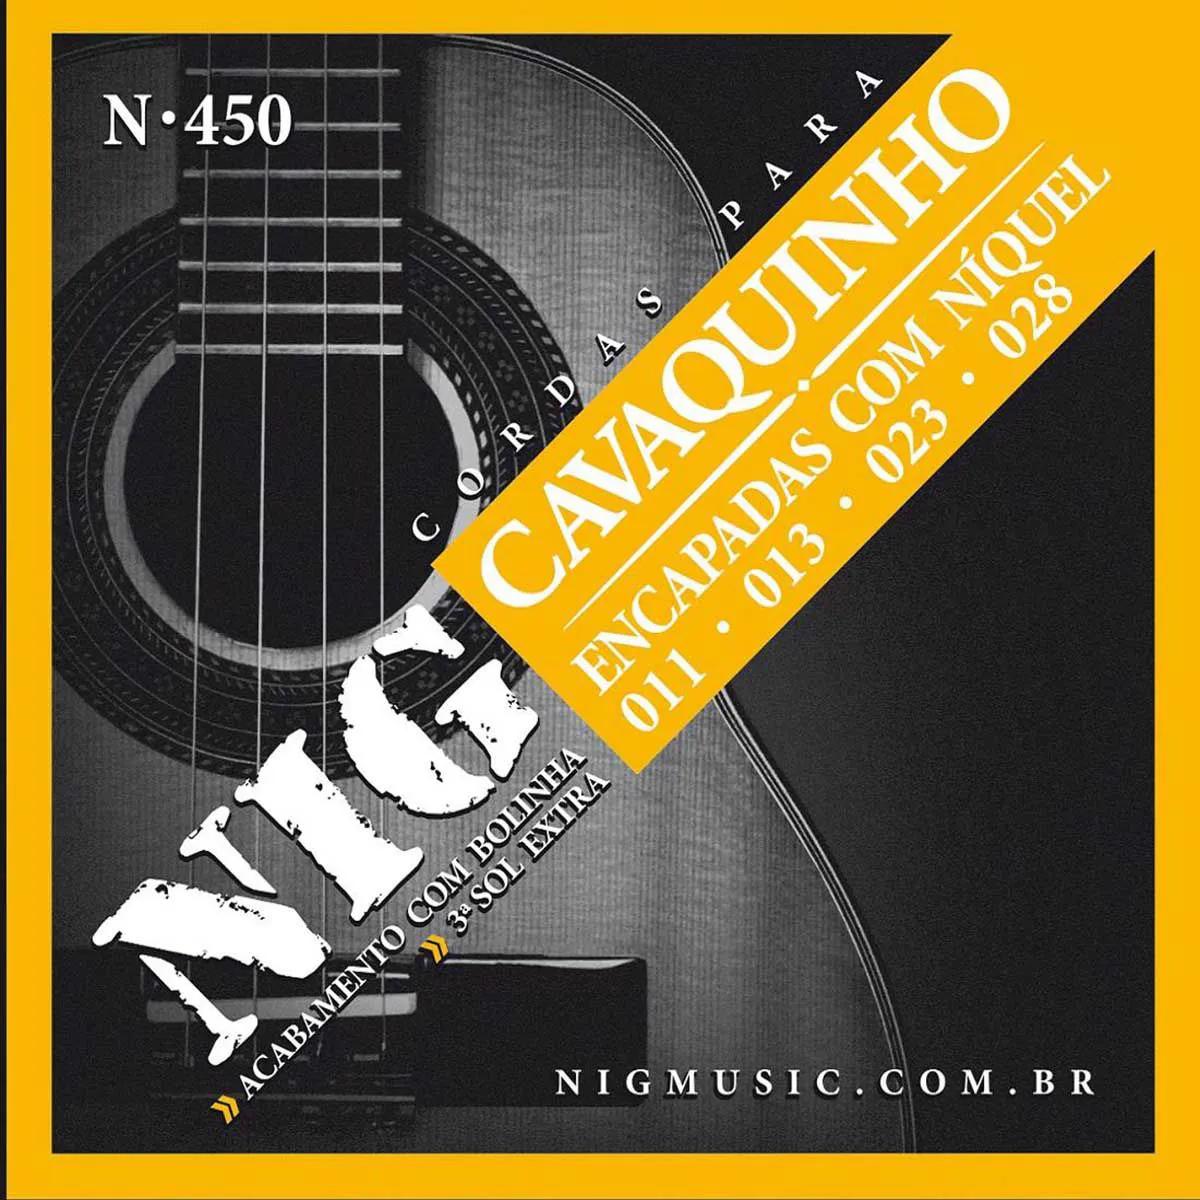 Encordoamento Nig N-450 011/028 para Cavaquinho